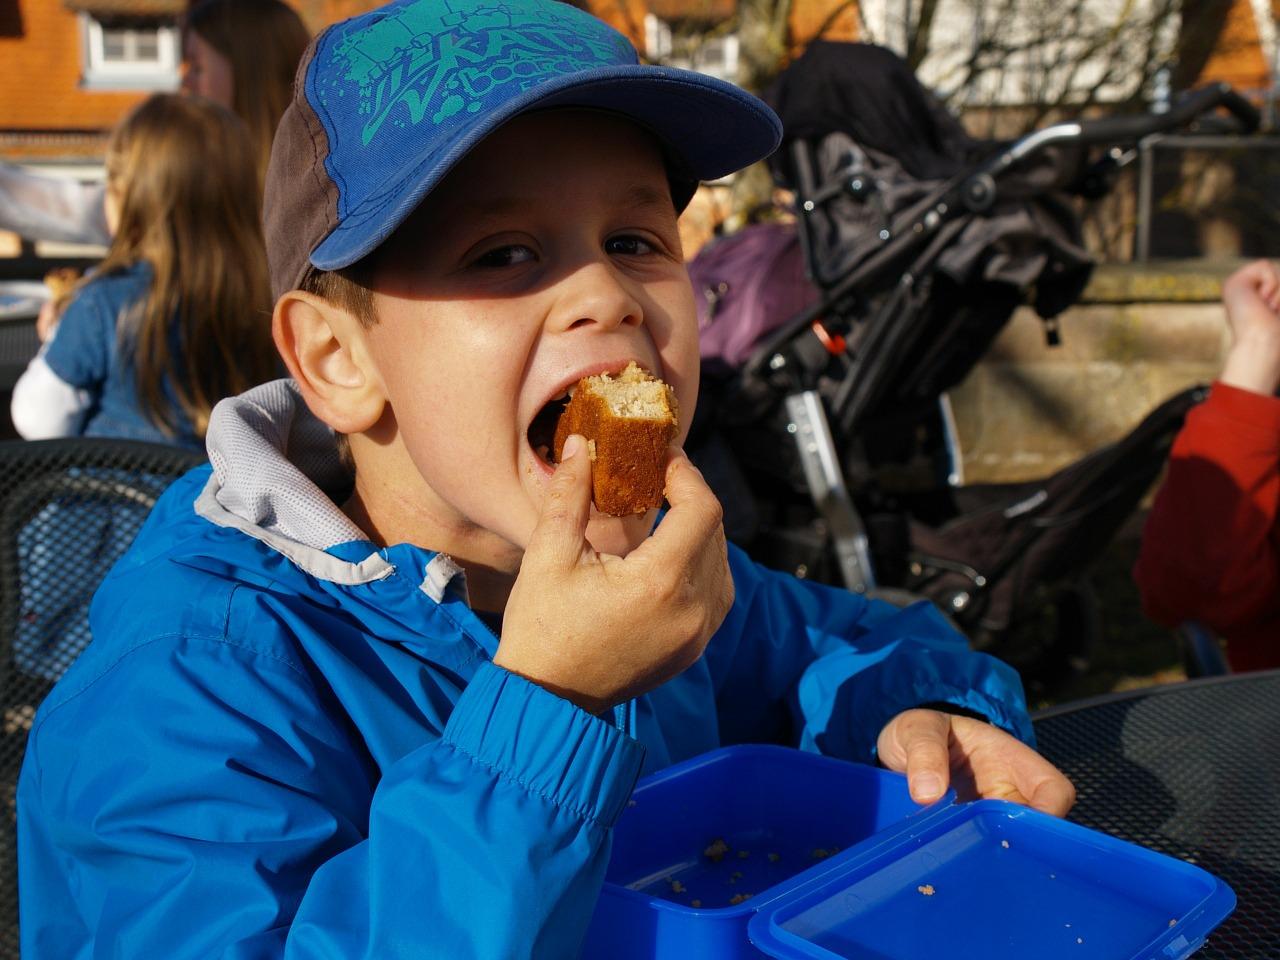 dječak i njegov kolač